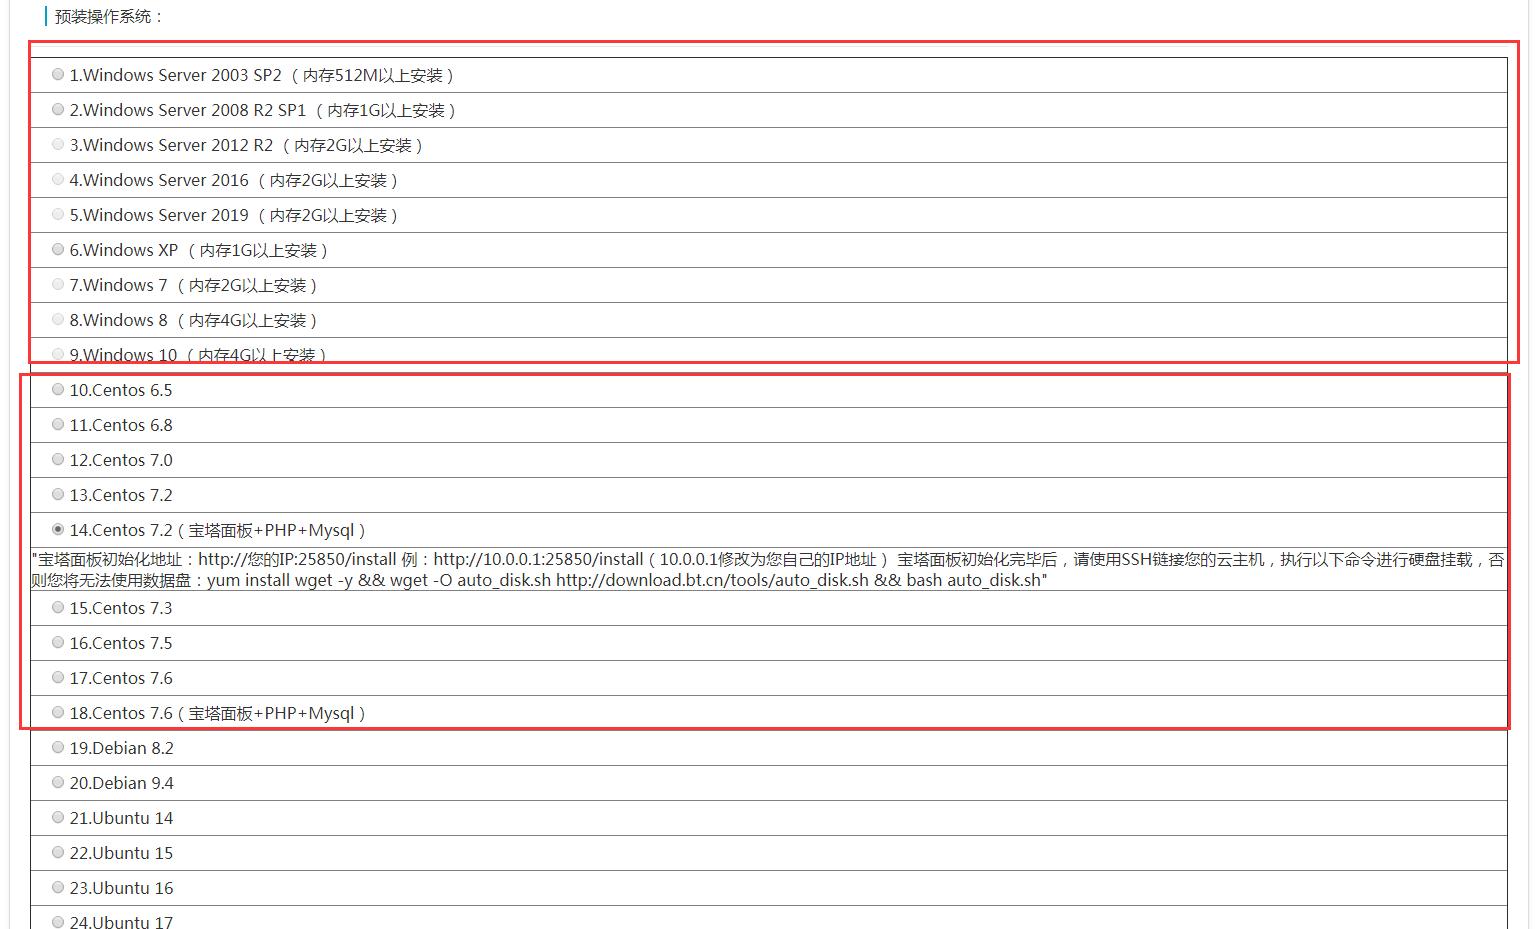 仙杰笔记 云服务器安装系统, SSH连接宝塔控制面板安装  宝塔 144457blygzggm4zyr22a3